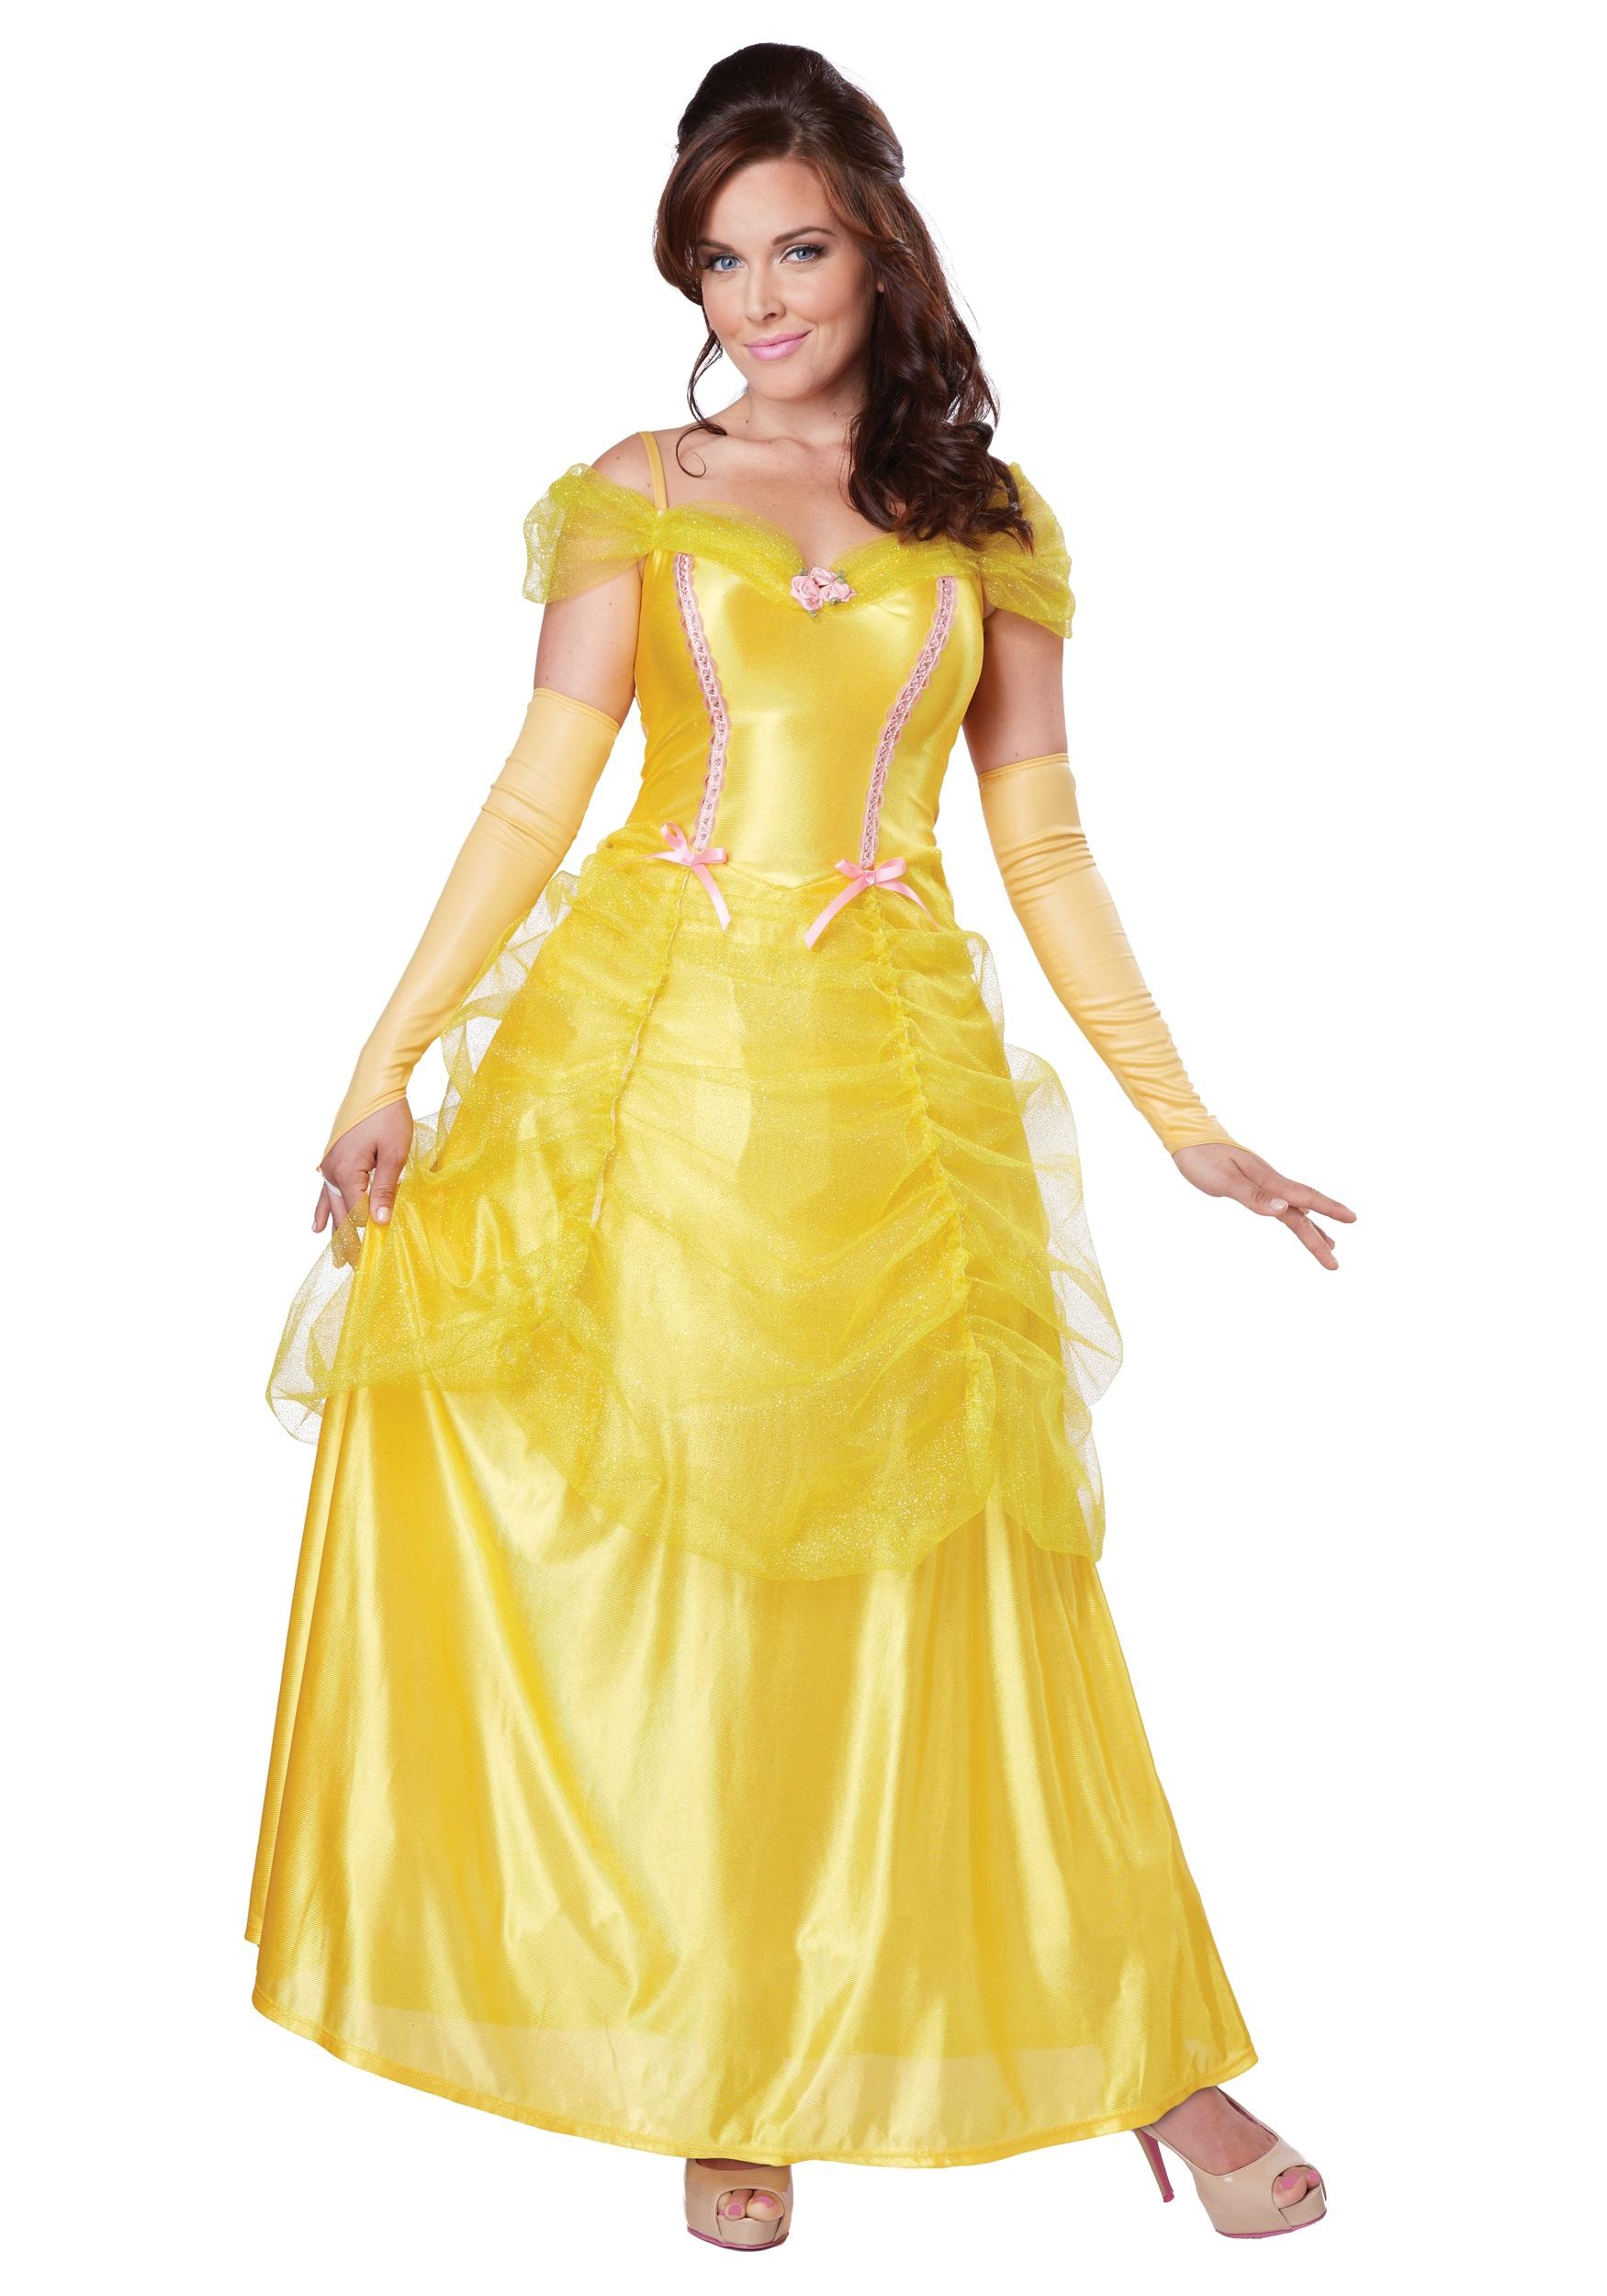 Womens Classic Beauty Costume